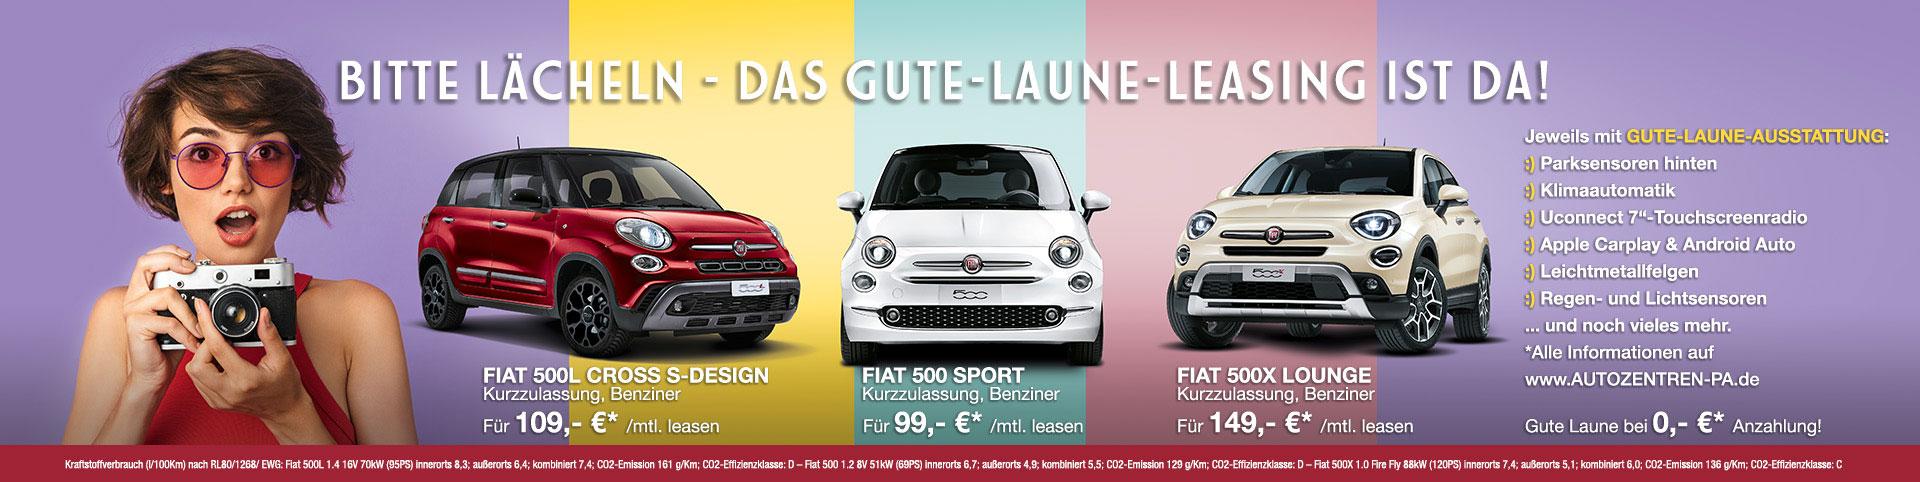 Fiat Gute-Laune-Leasing im Autozentrum P&A-PRECKEL